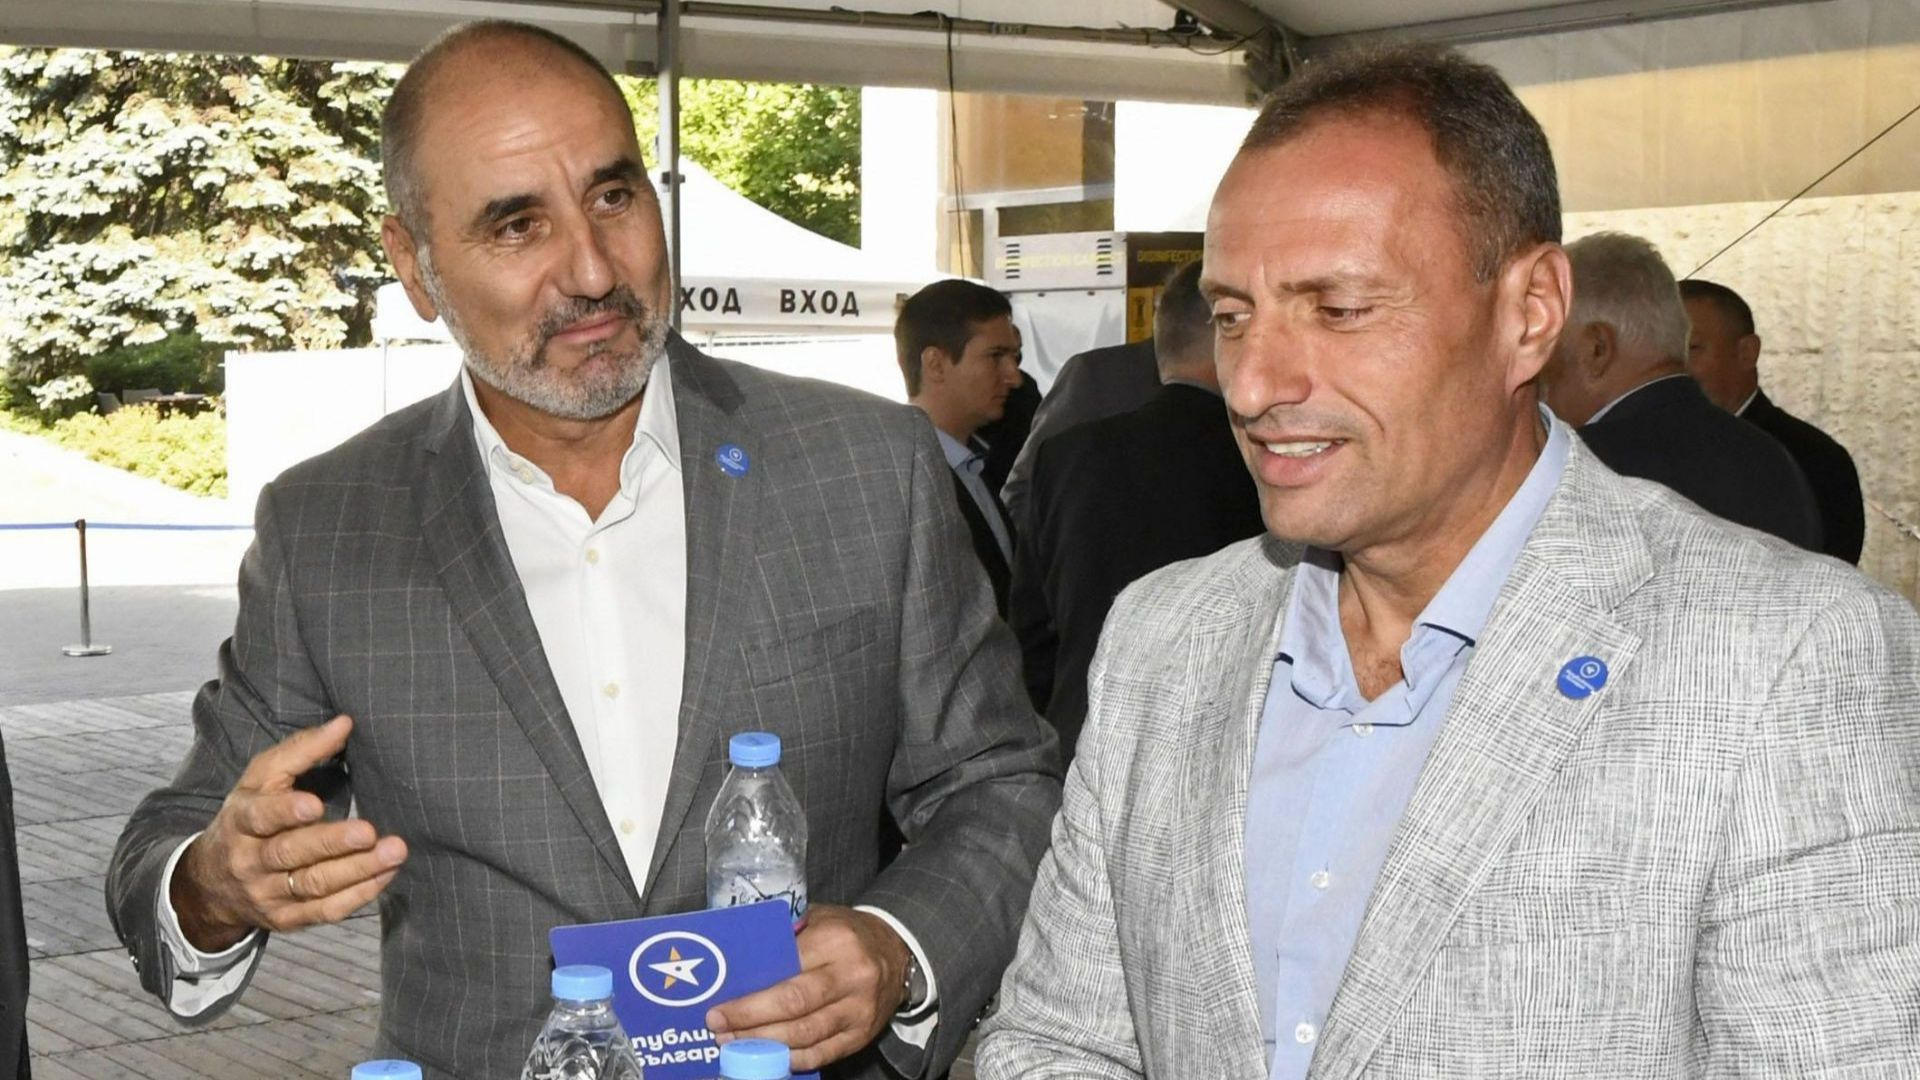 Бившият кмет на Банско Георги Икономов премина в партията на Цветанов